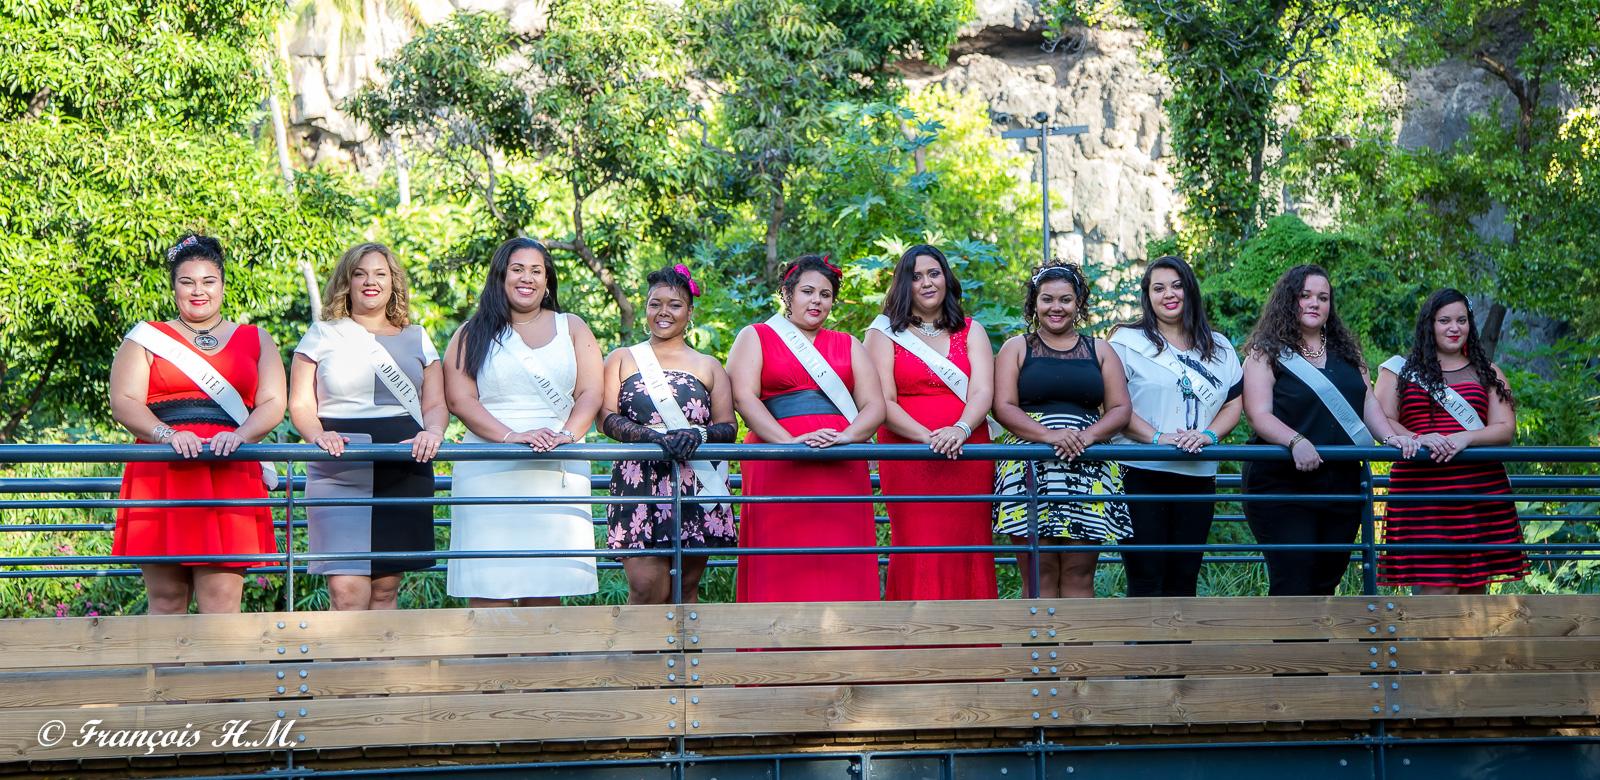 Miss Ronde Réunion 2016<br>Les 10 candidates pour le 16 juillet